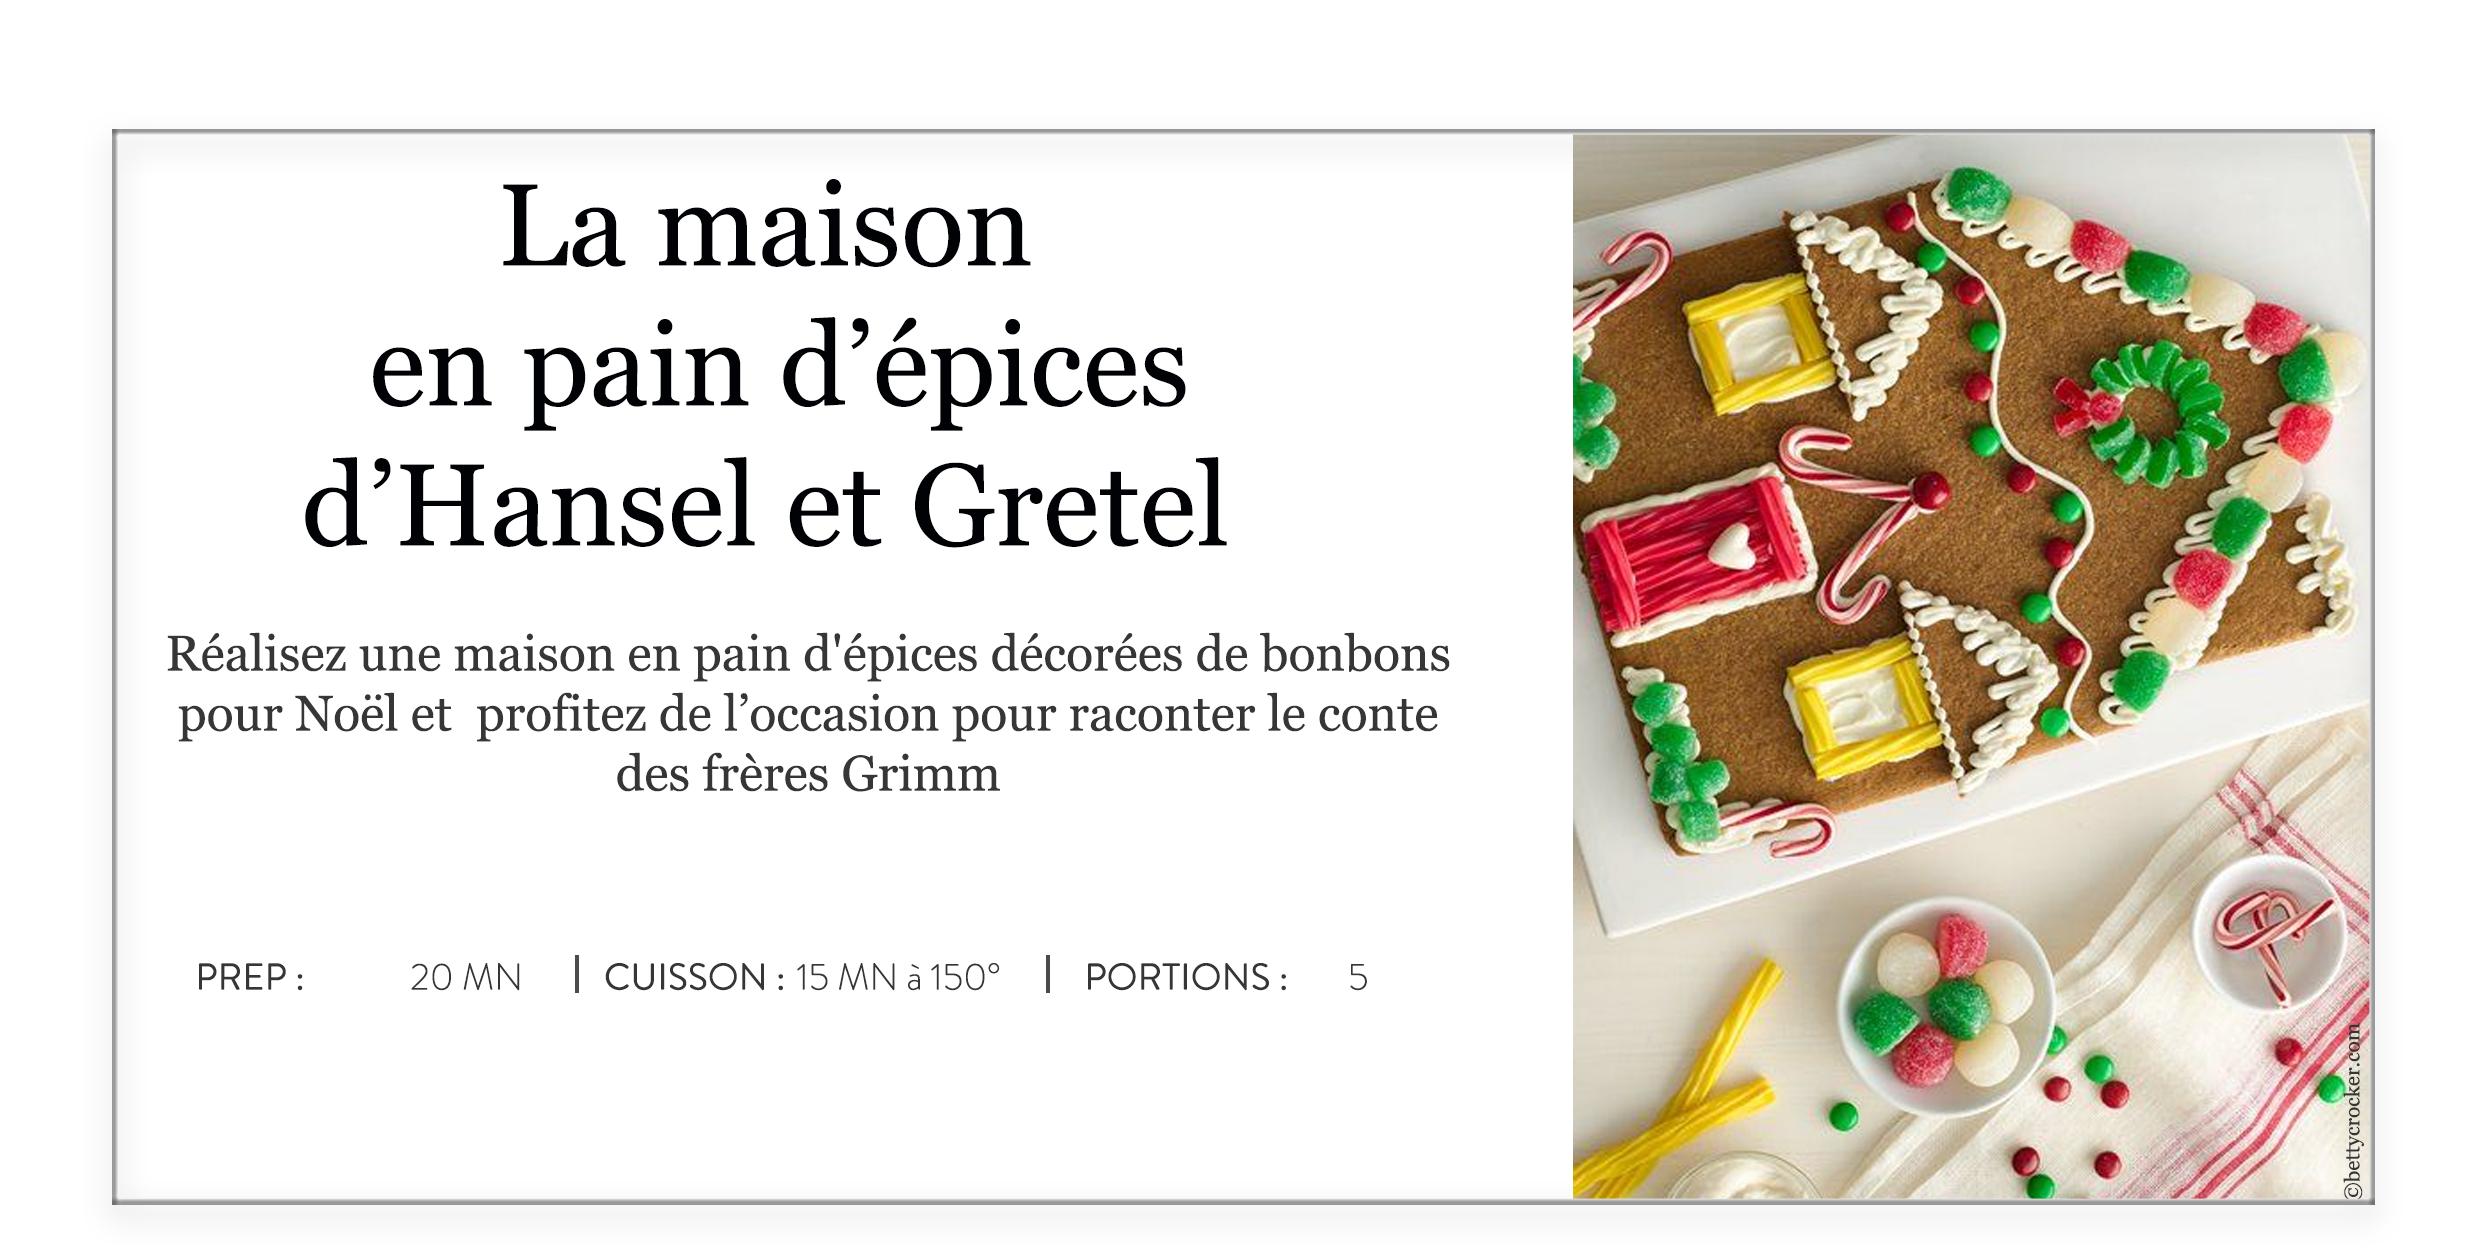 La Maison En Pain D Epices D Hansel Et Gretel Olivier Chaput Le